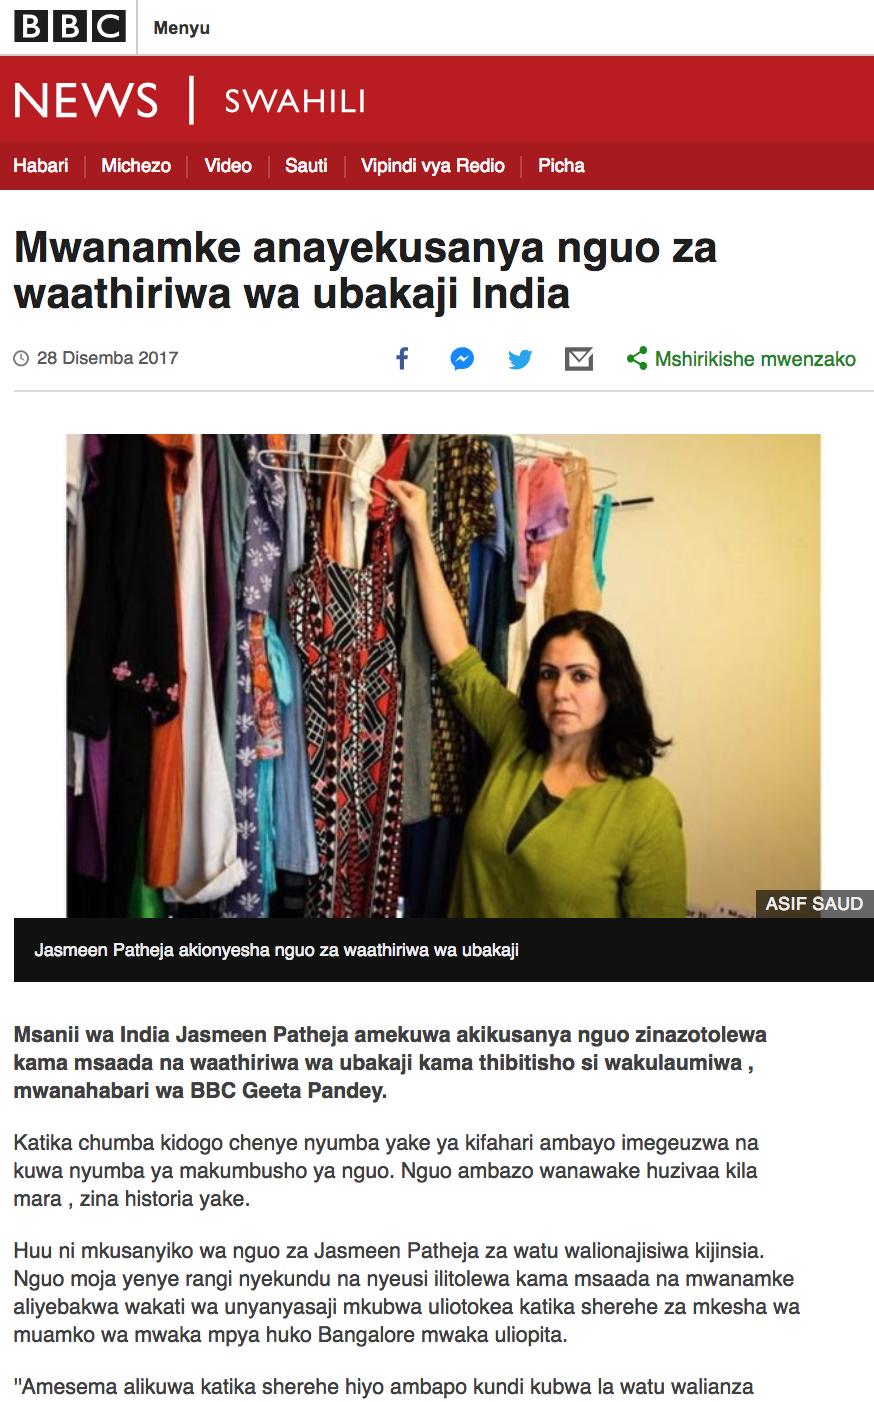 BBC Swahili, 2017